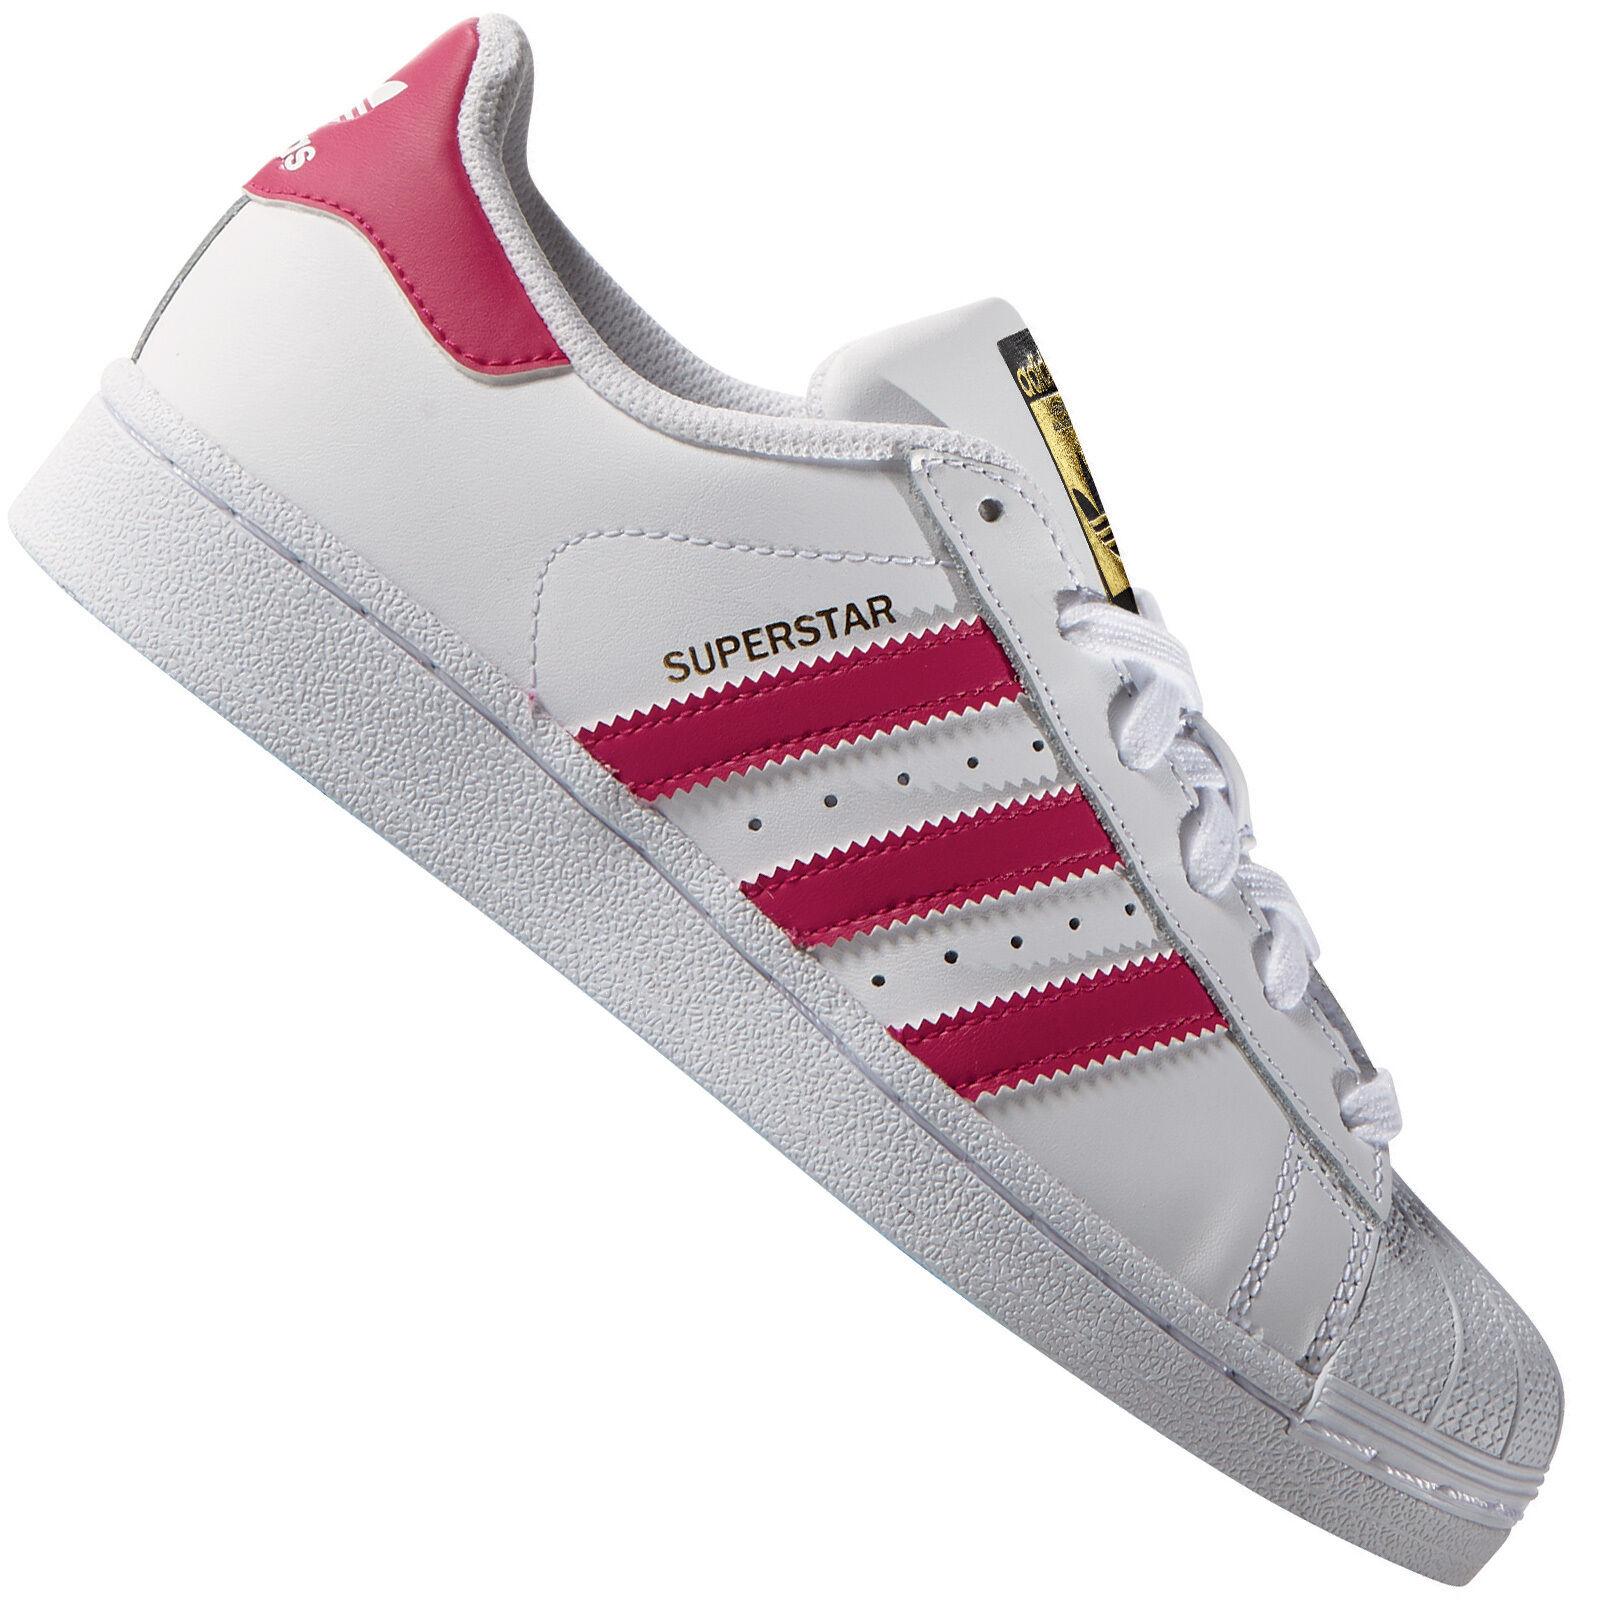 adidas Originals Weiß/Pink Superstar Foundation Weiß/Pink Originals B23644 Damen-Sneaker Schuhe 4bf98b